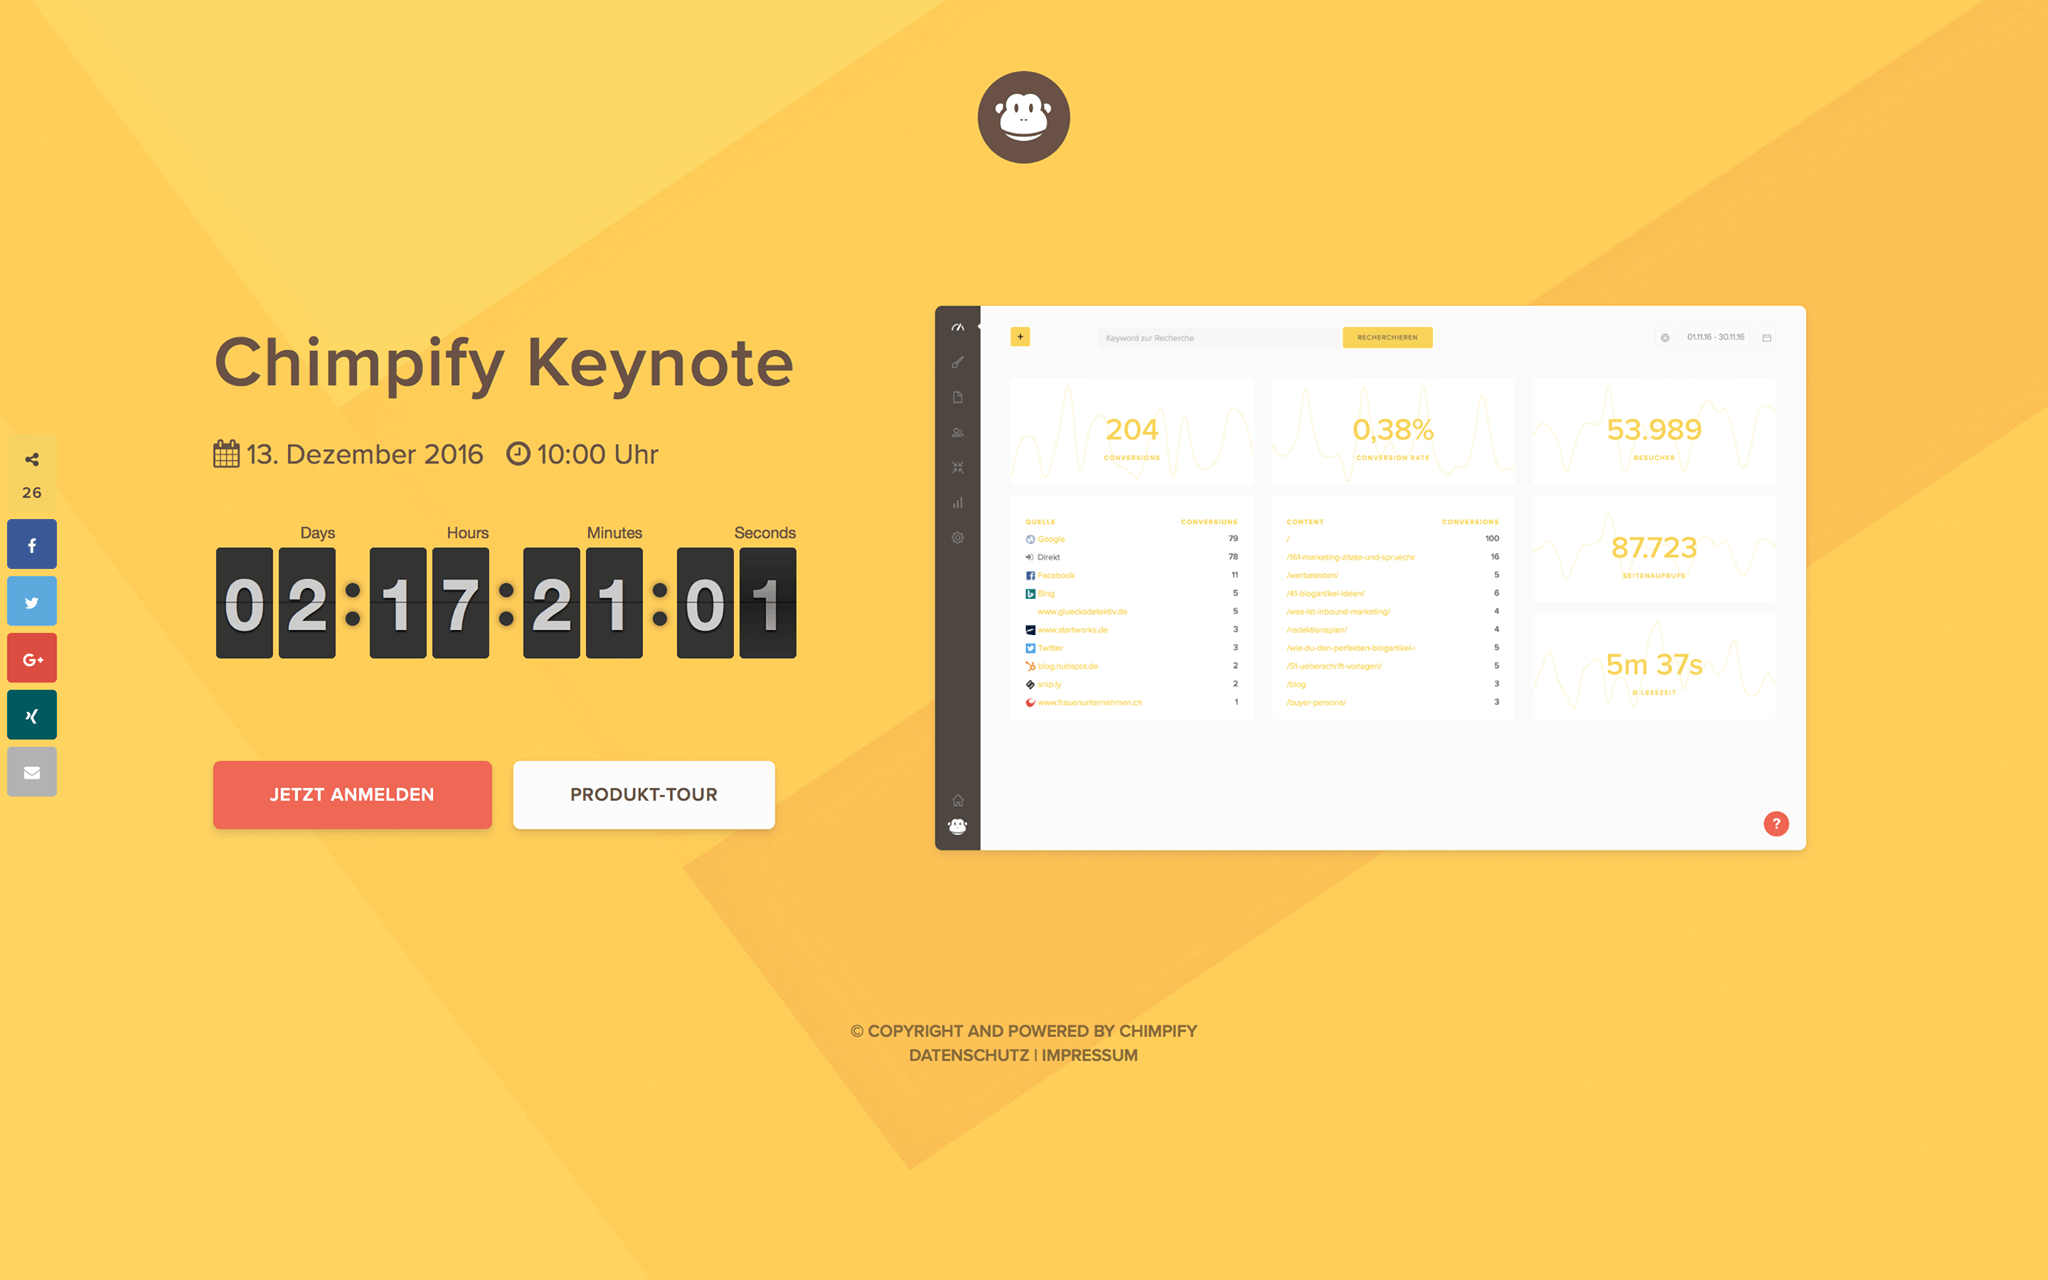 chimpify keynote landing page